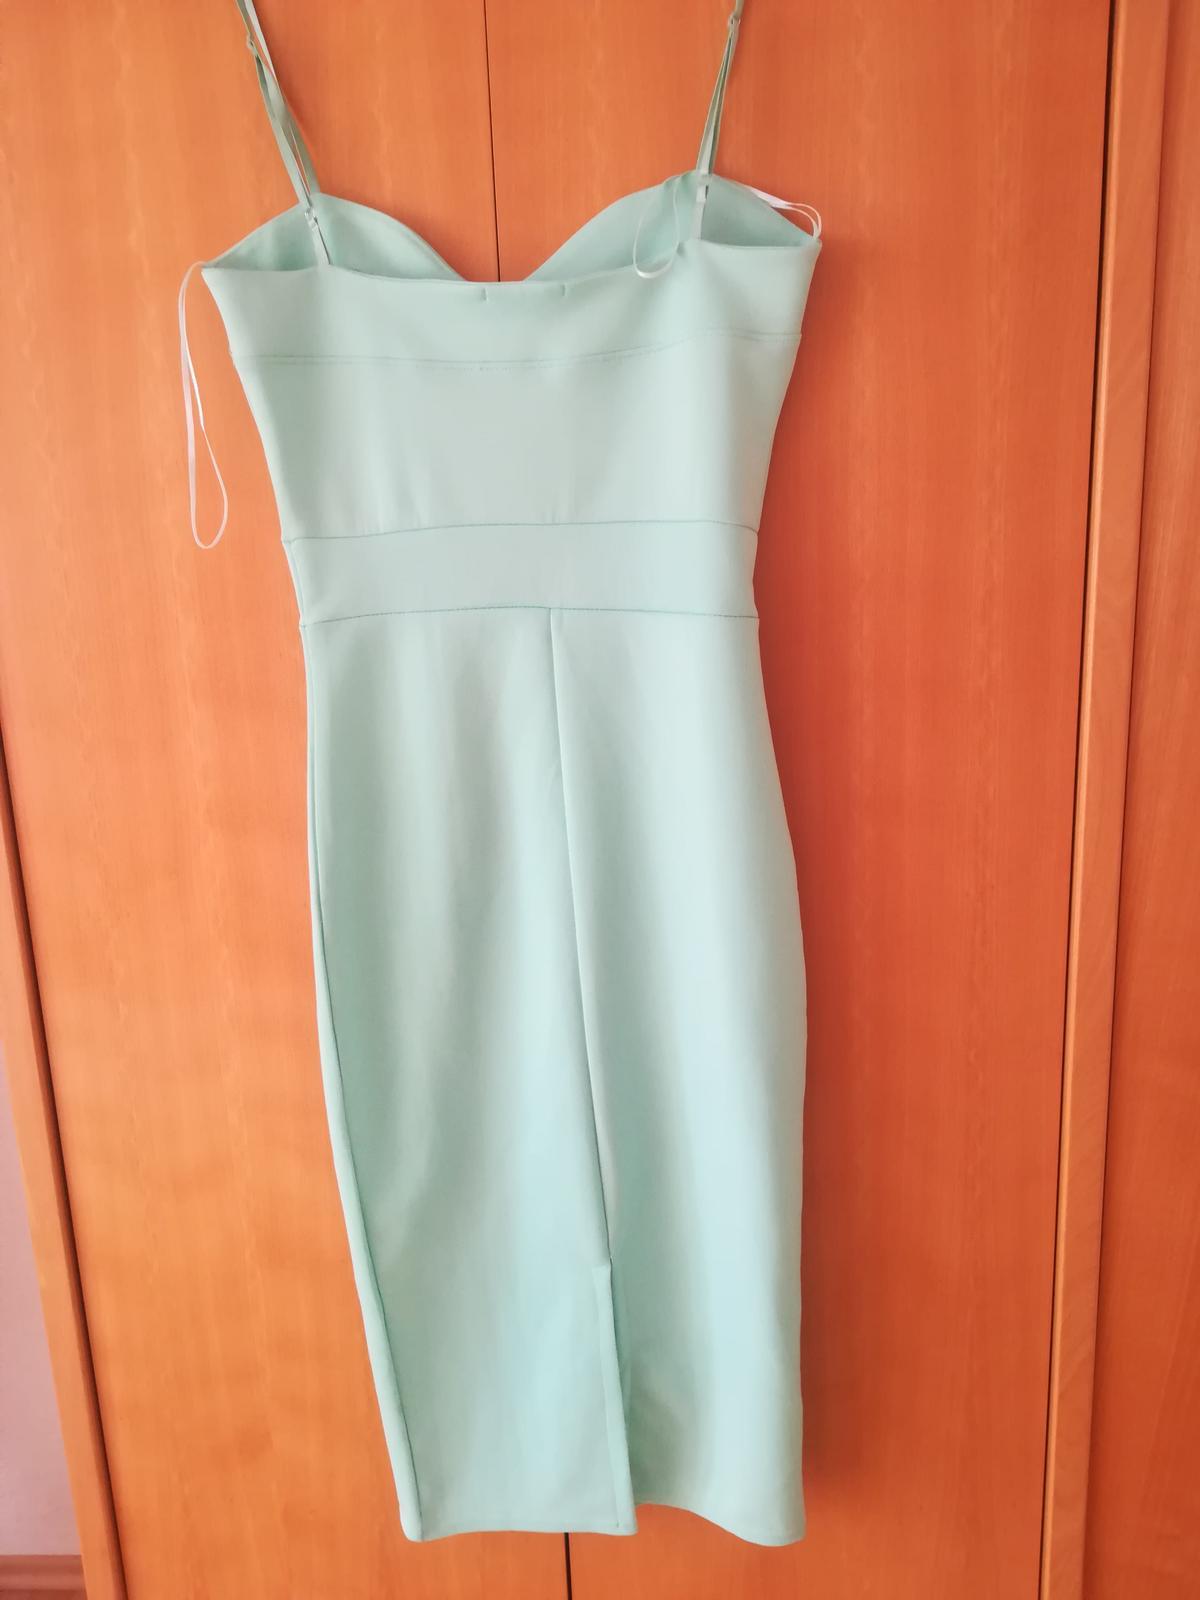 Mint šaty - Obrázek č. 2